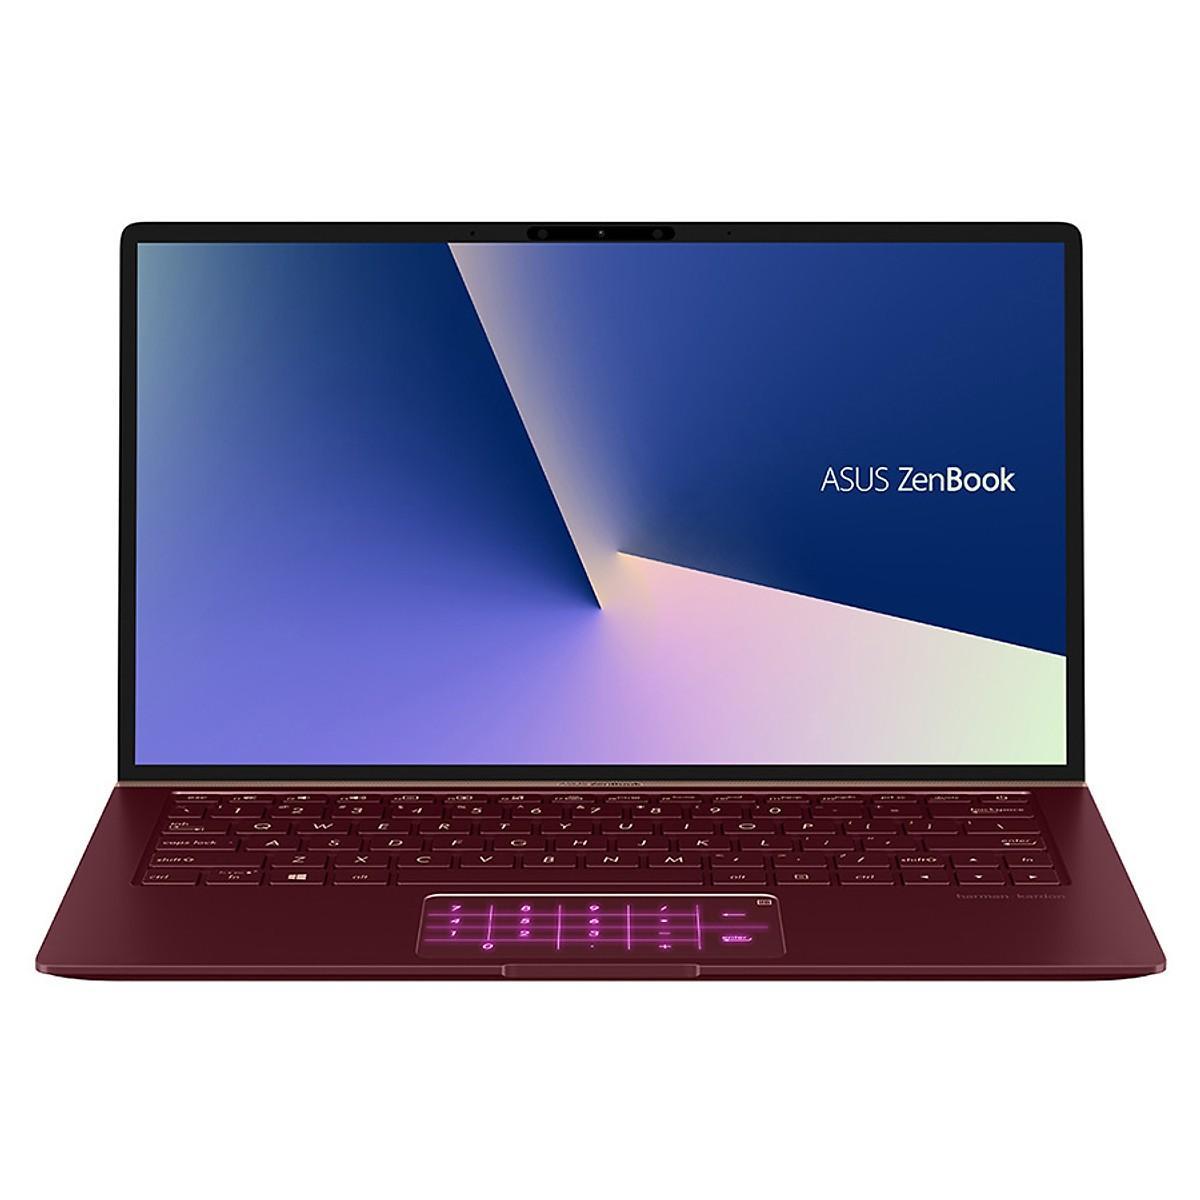 Laptop Asus Zenbook 13 UX333FA-A4181T Core i5-8265U/ Win10/ Numpad (13.3 FHD)